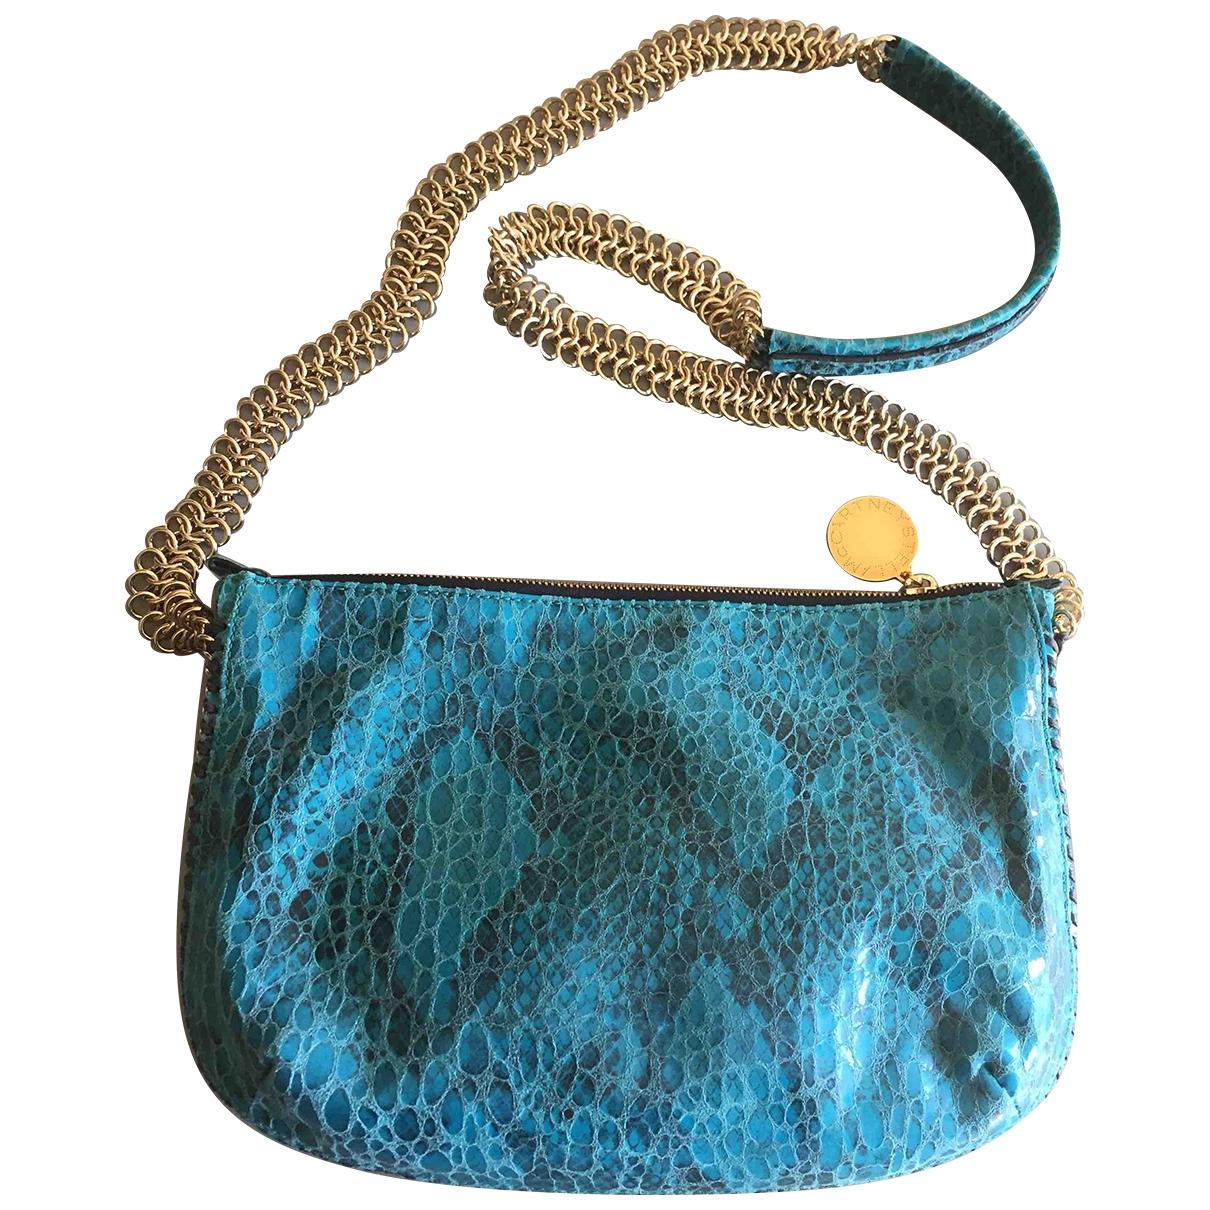 Stella Mccartney \N Turquoise handbag for Women \N